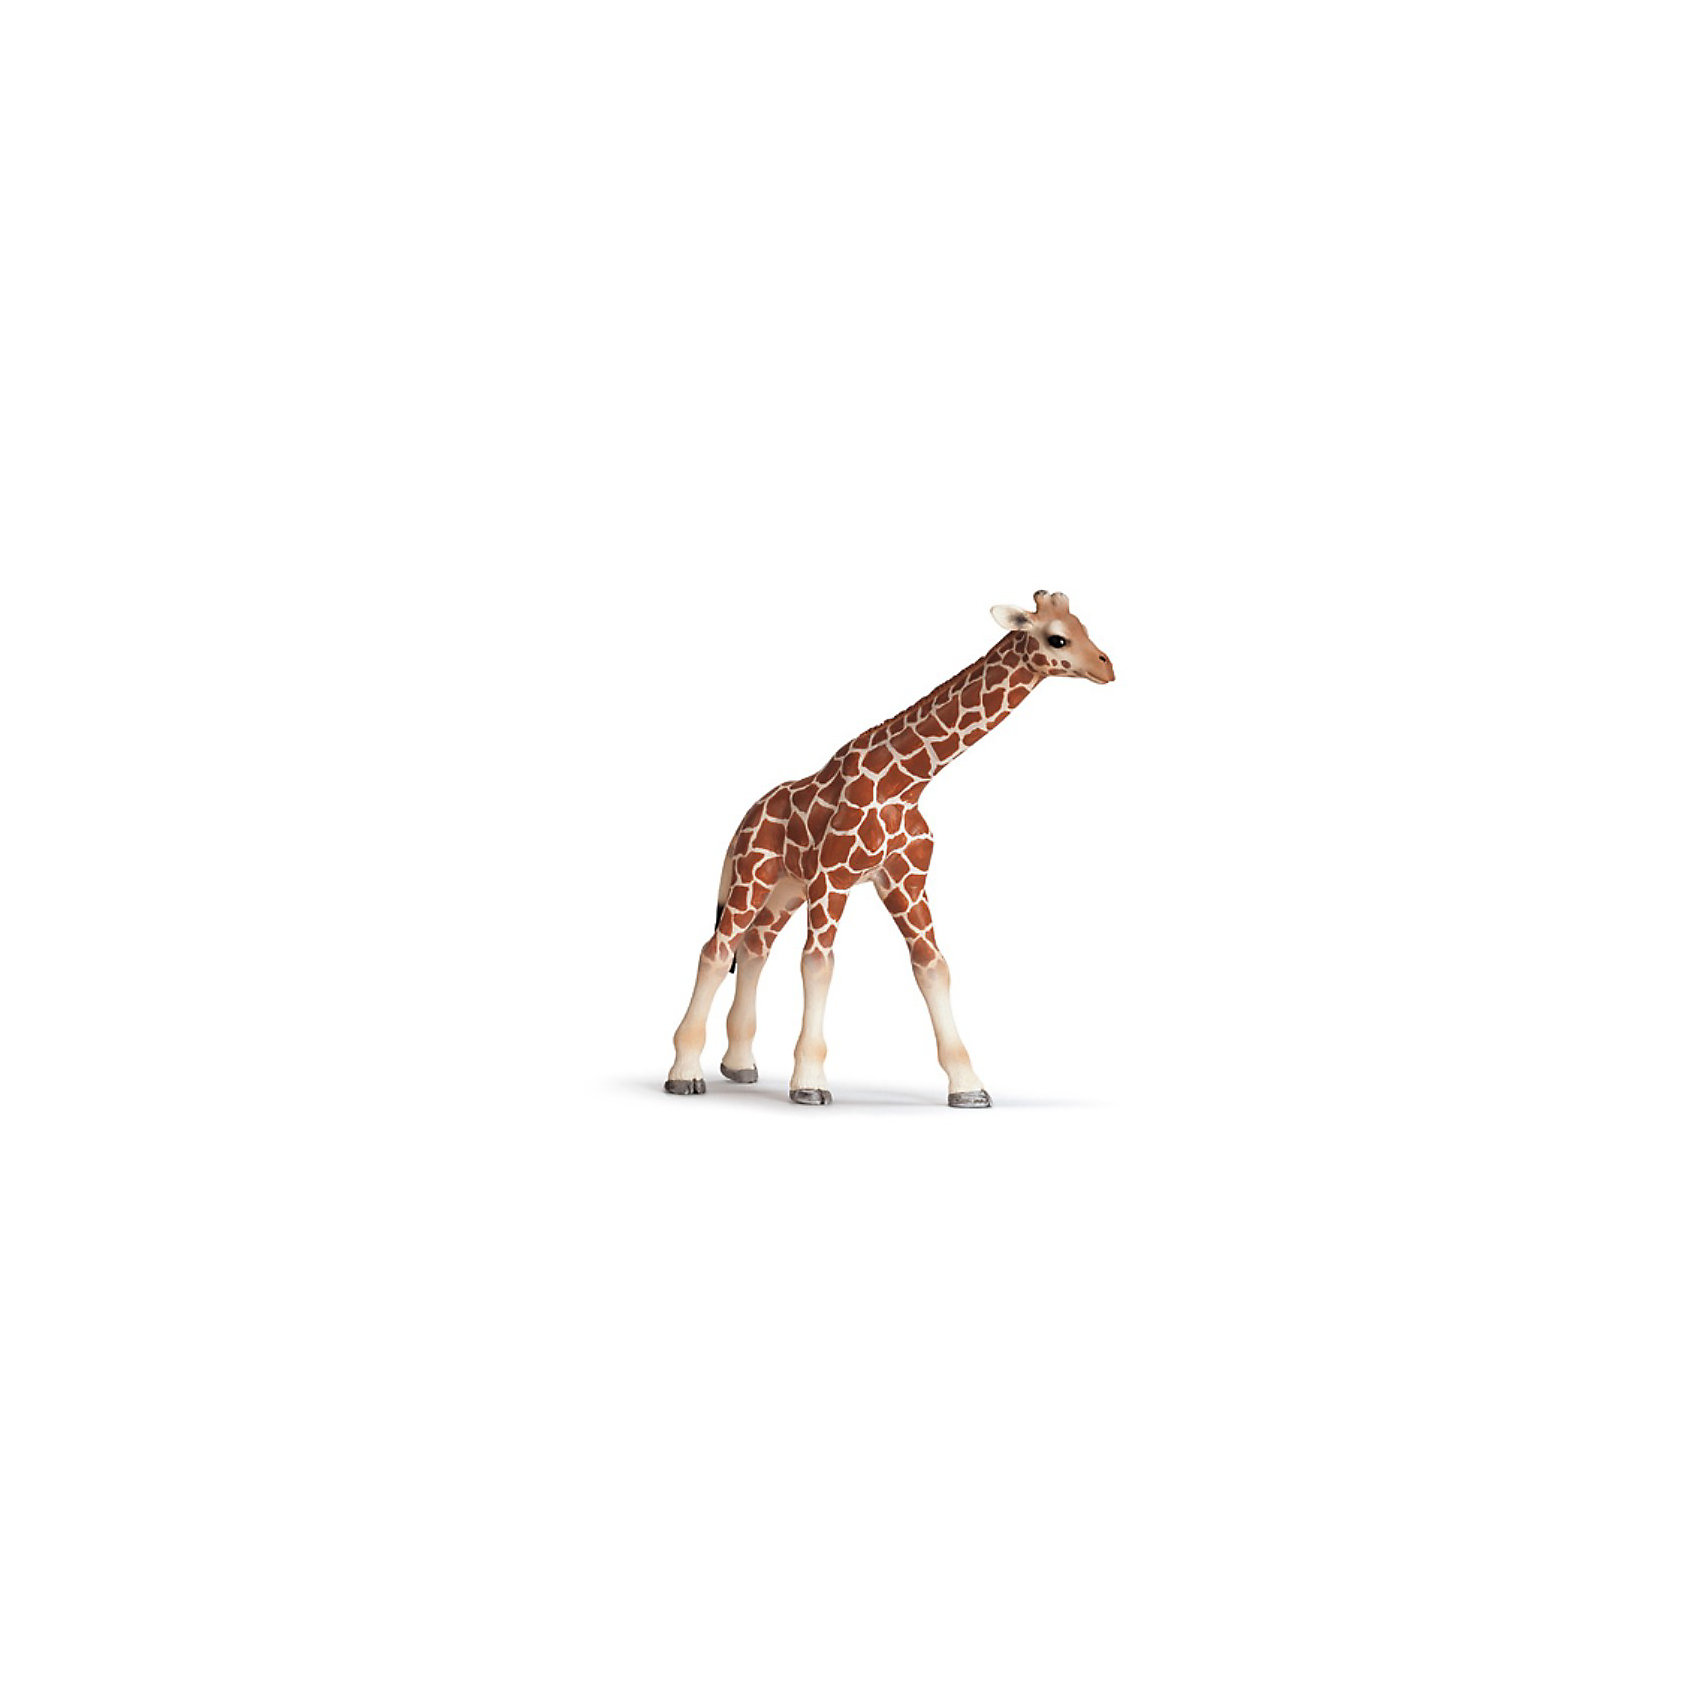 Schleich Schleich Детеныш жирафа. Серия Дикие животные schleich schleich кенгуру серия дикие животные